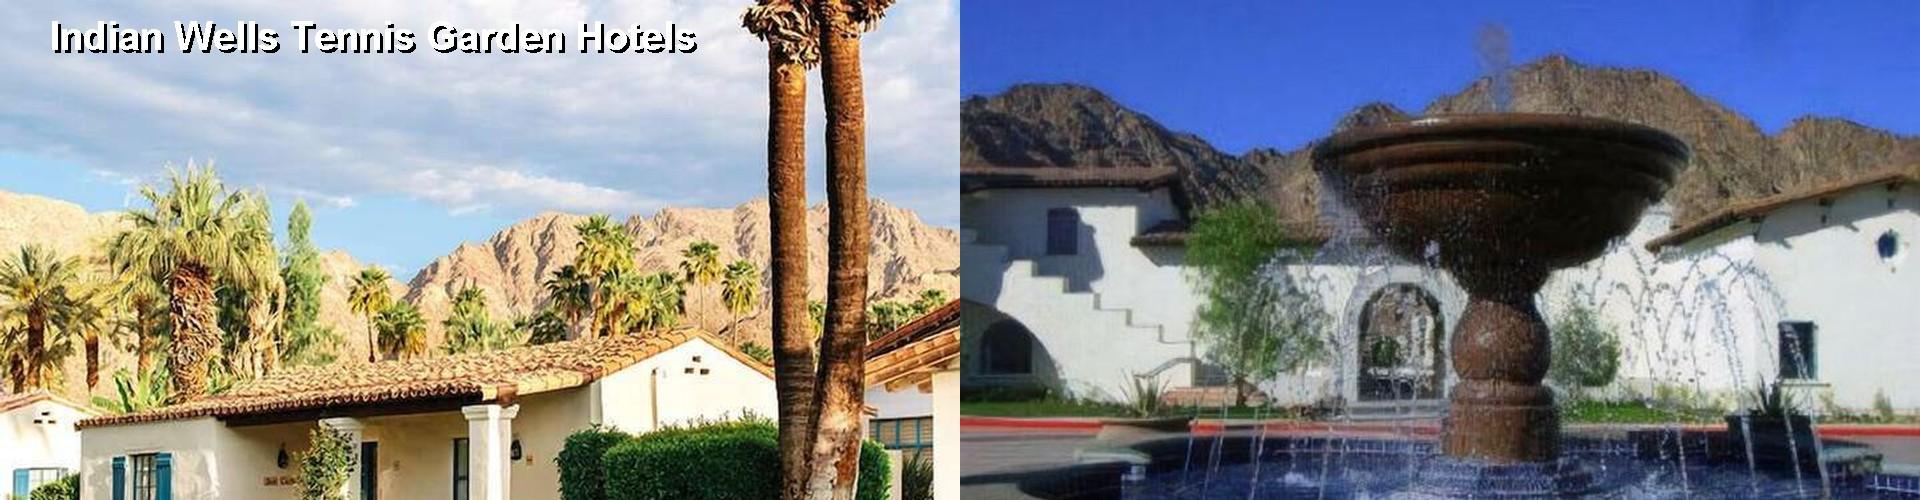 $52+ BEST Hotels Near Indian Wells Tennis Garden CA